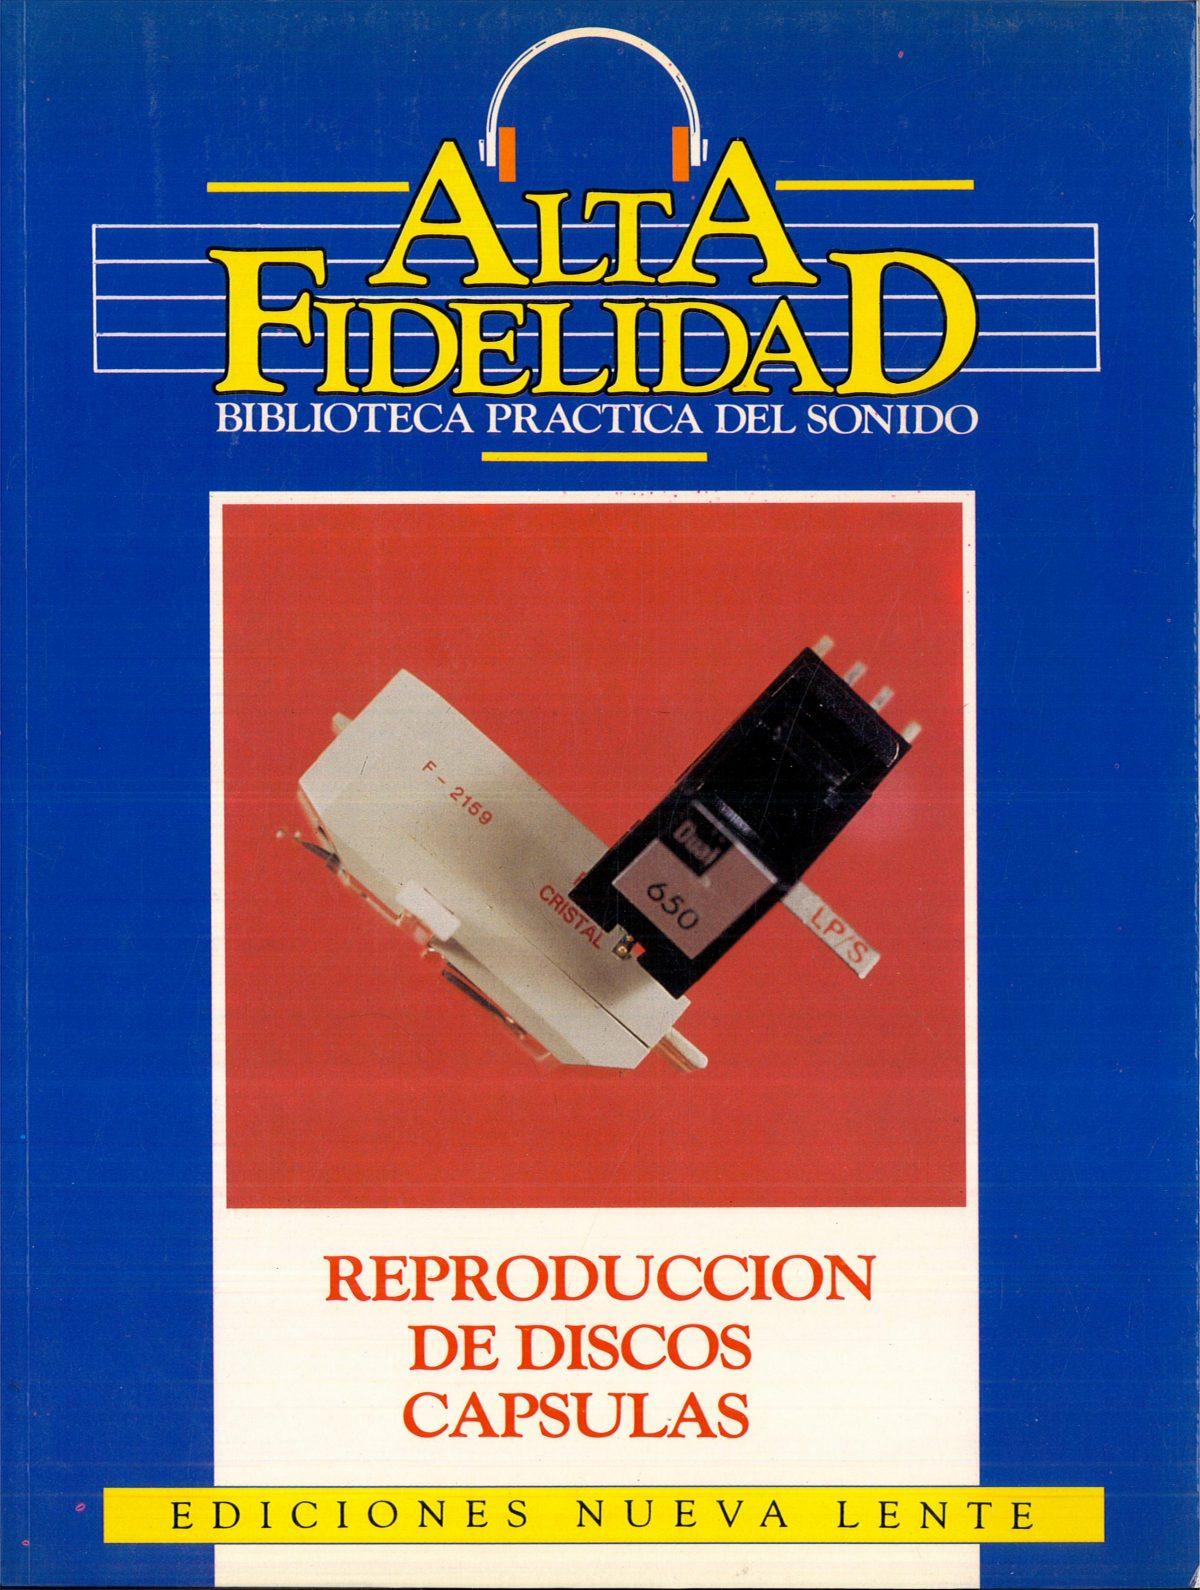 """""""Alta Fidelidad (Biblioteca práctica del sonido)"""""""